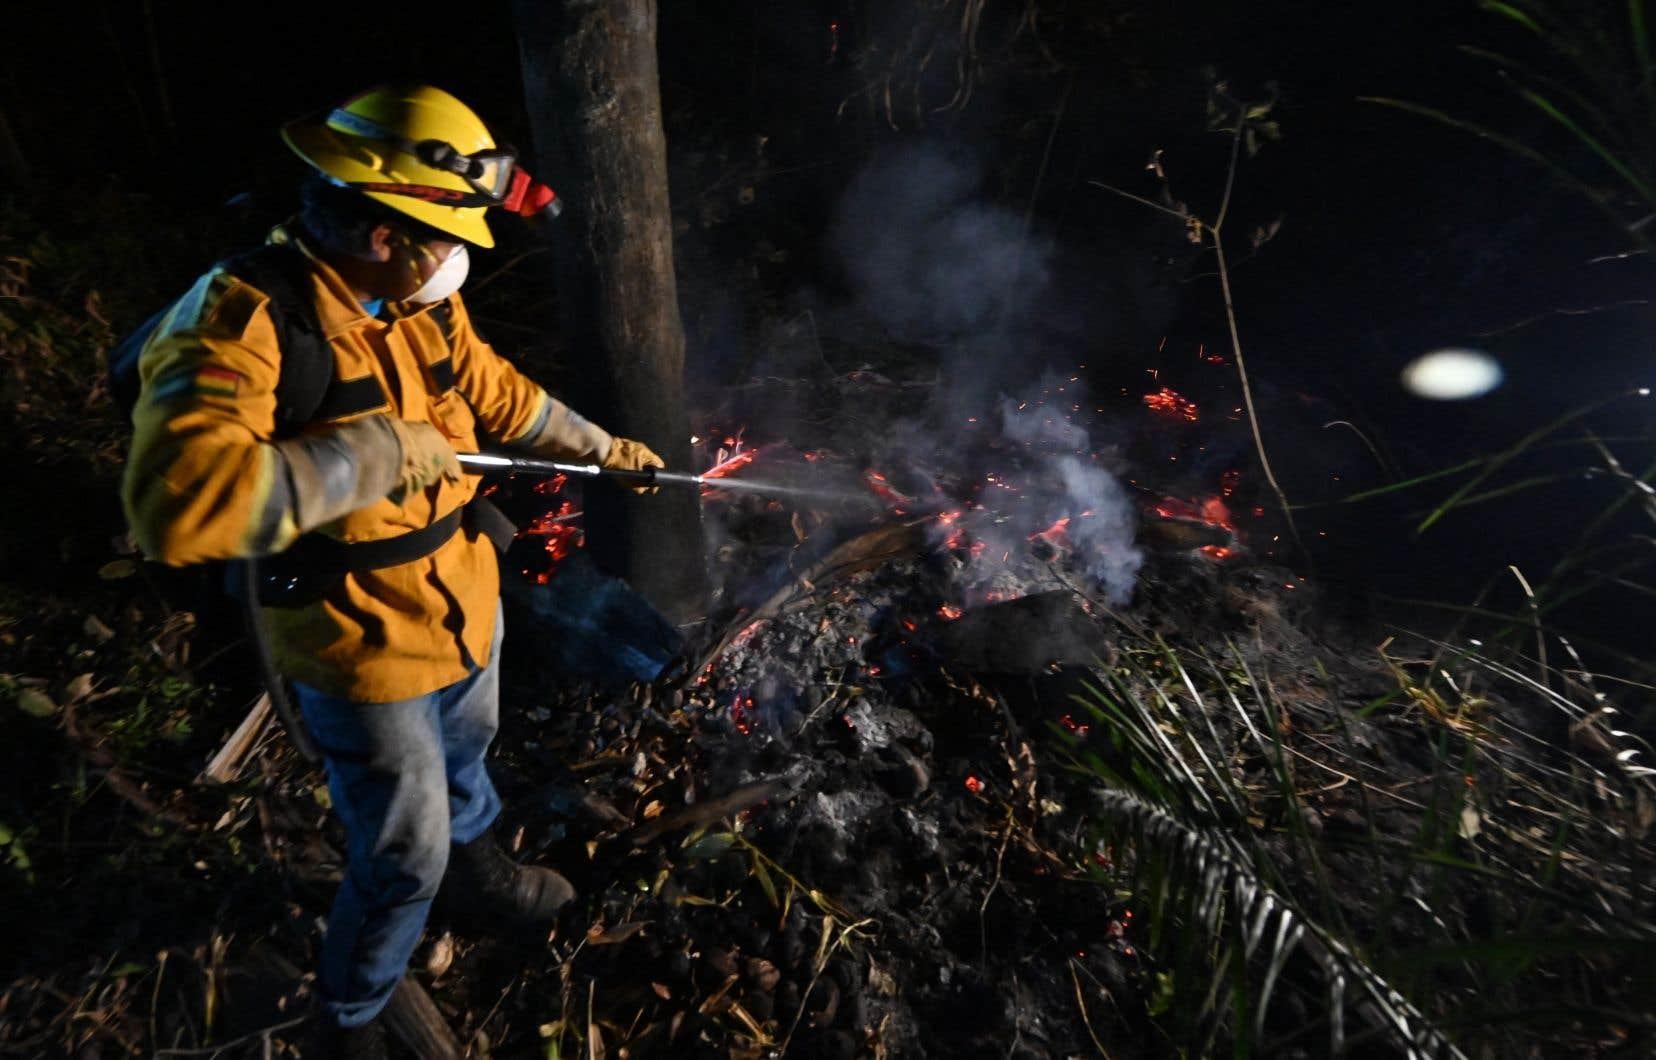 Des pompiers volontaires tentaient jeudi de lutter avec de maigres moyens et des tuyaux d'arrosage contre des feux de forêt qui ravagent le pays.